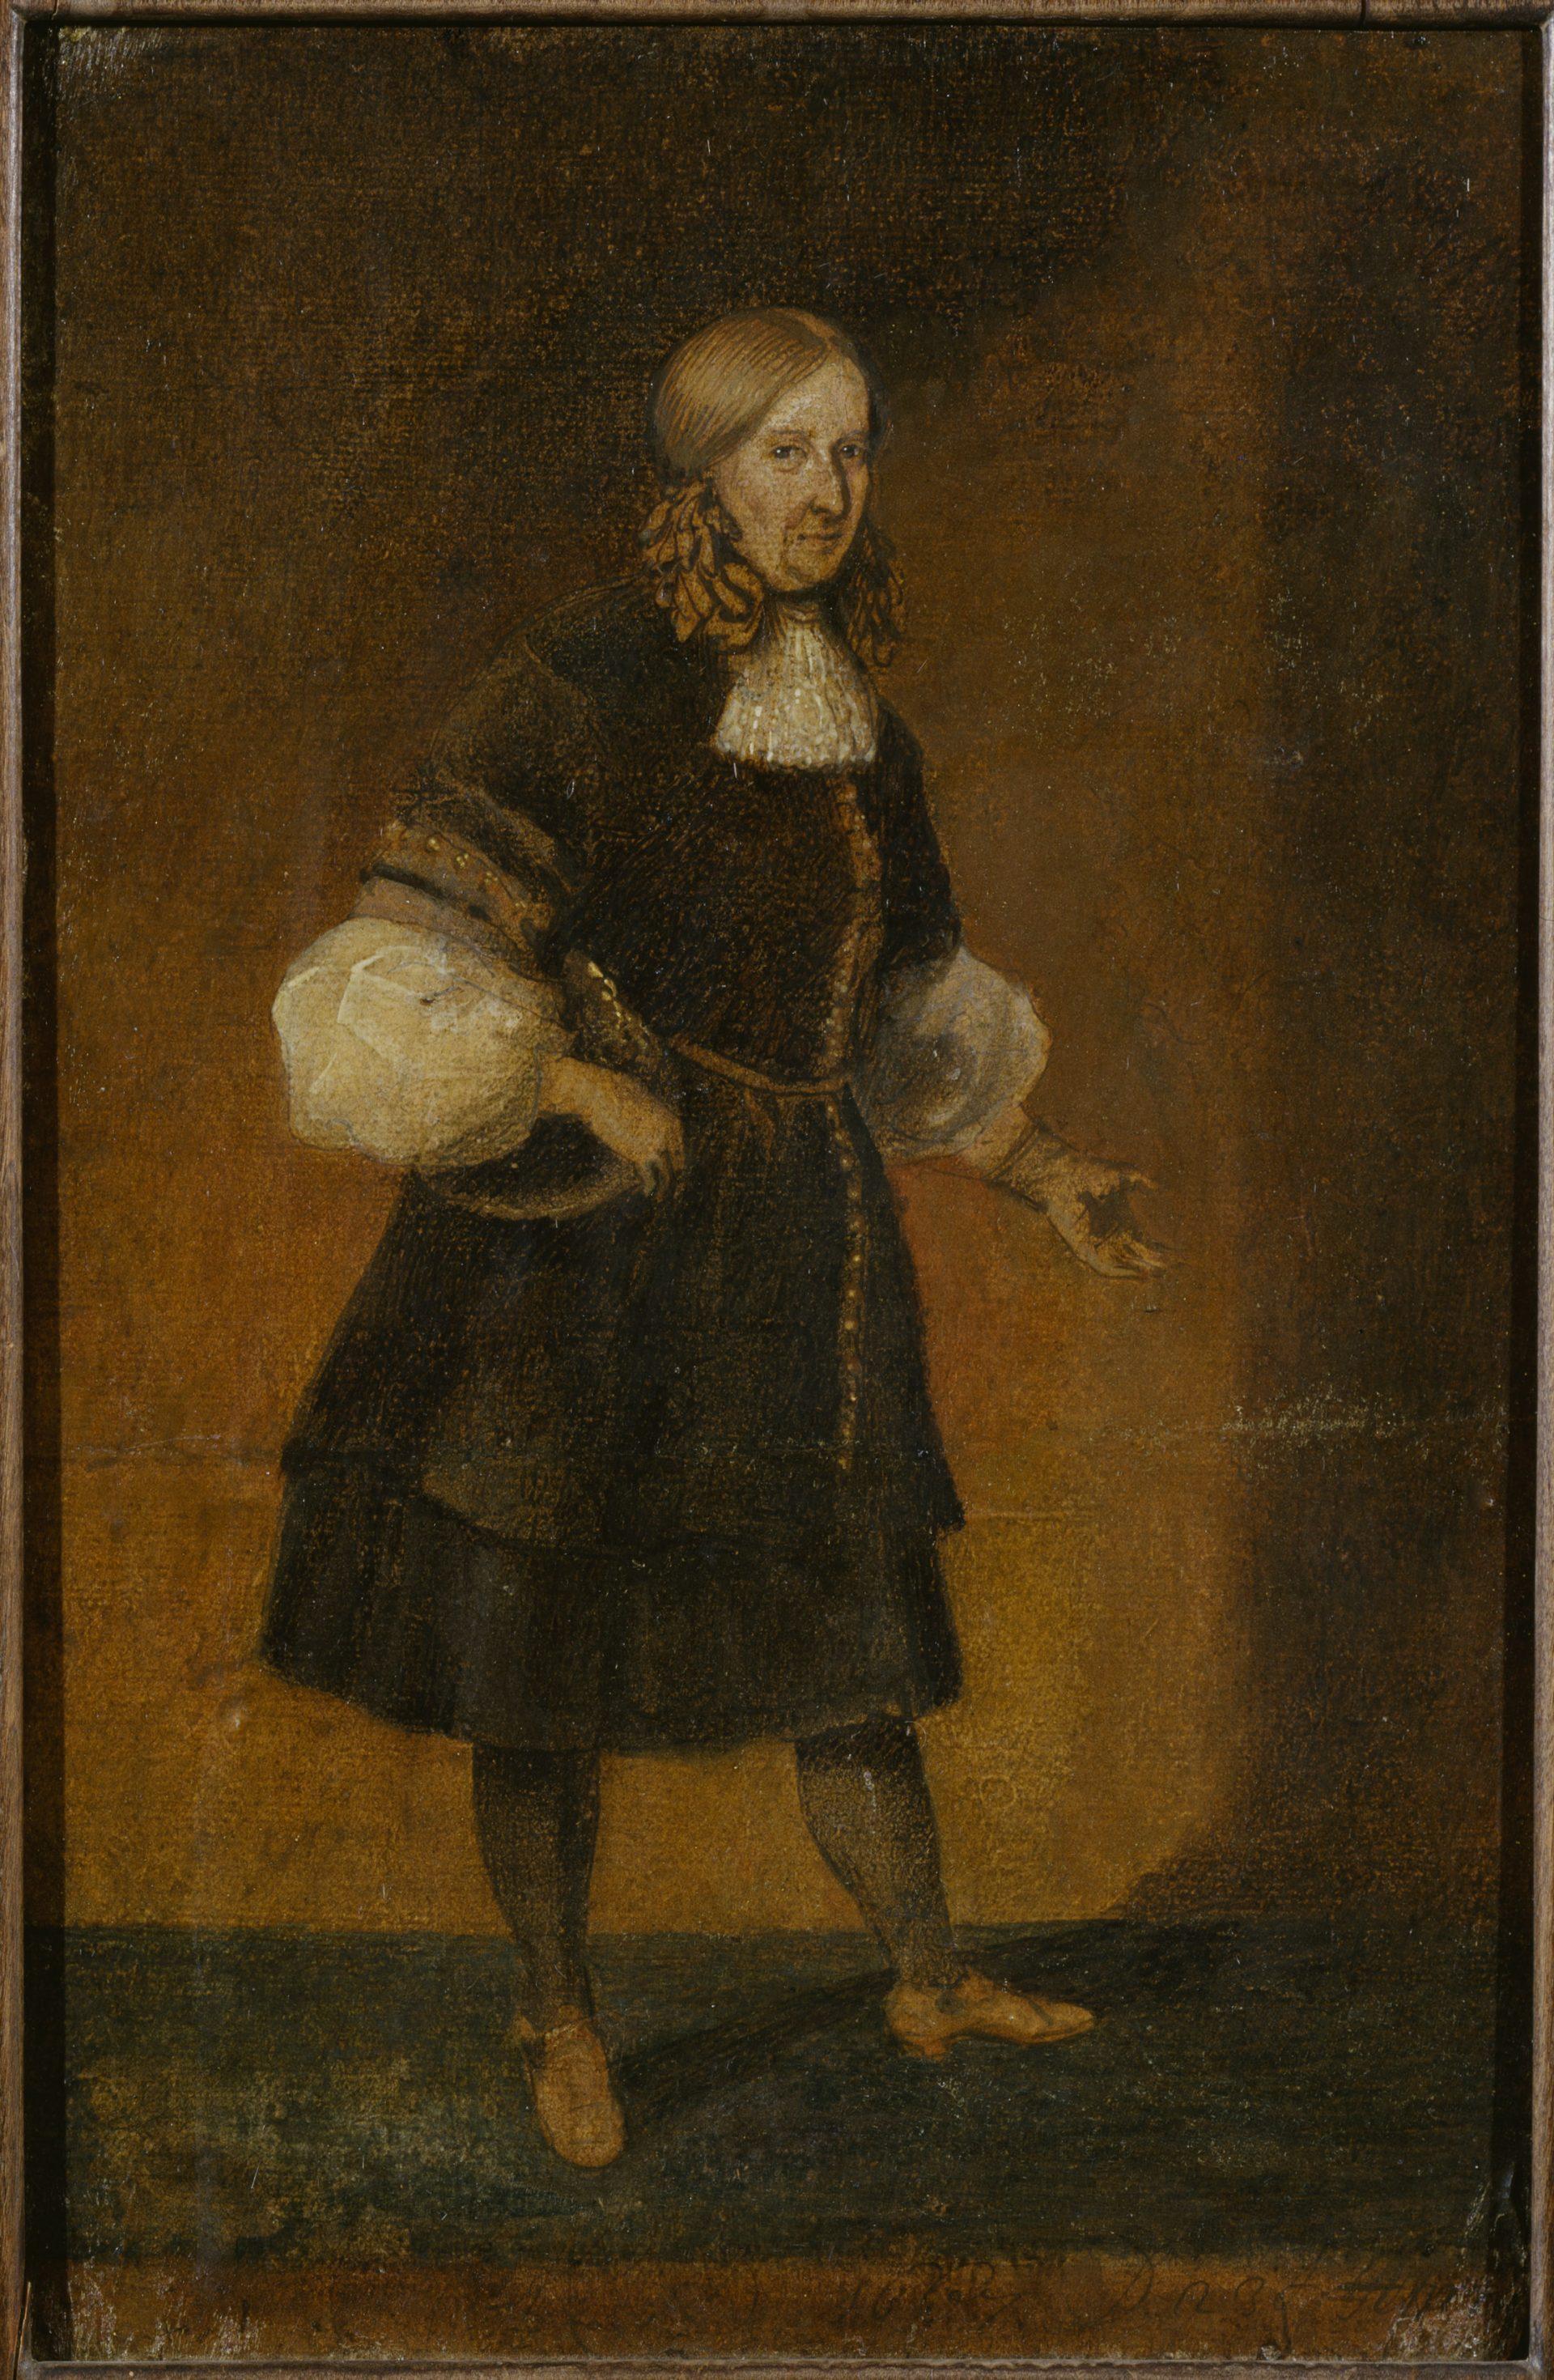 Porträtt av en kvinna med byxdress och tofsar i håret